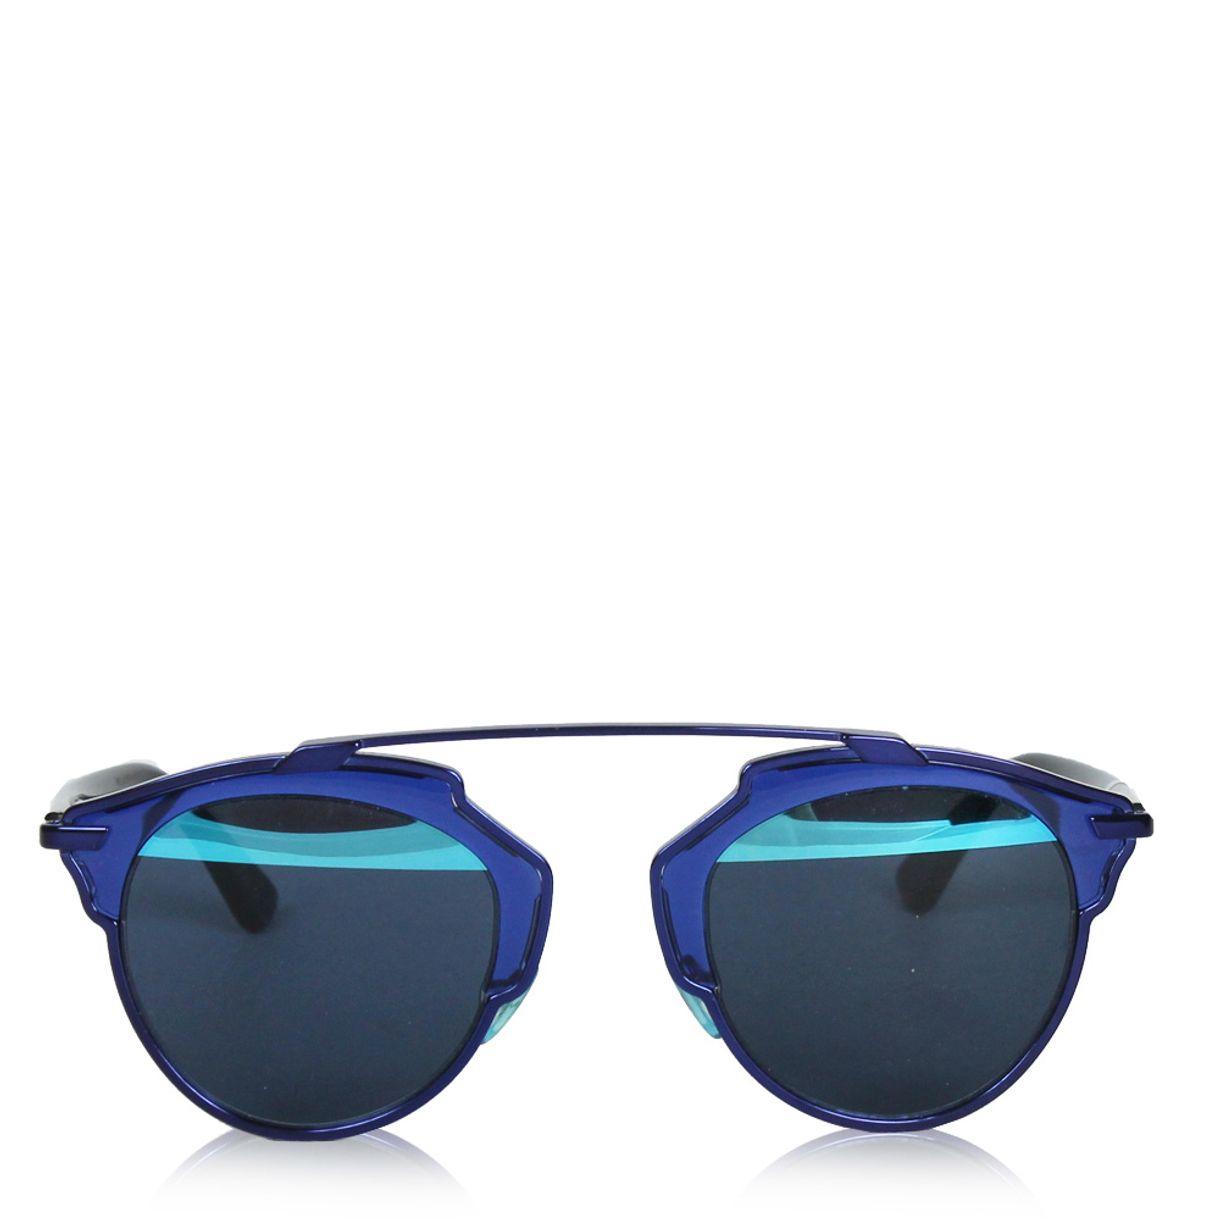 oculos-dior-azul-1